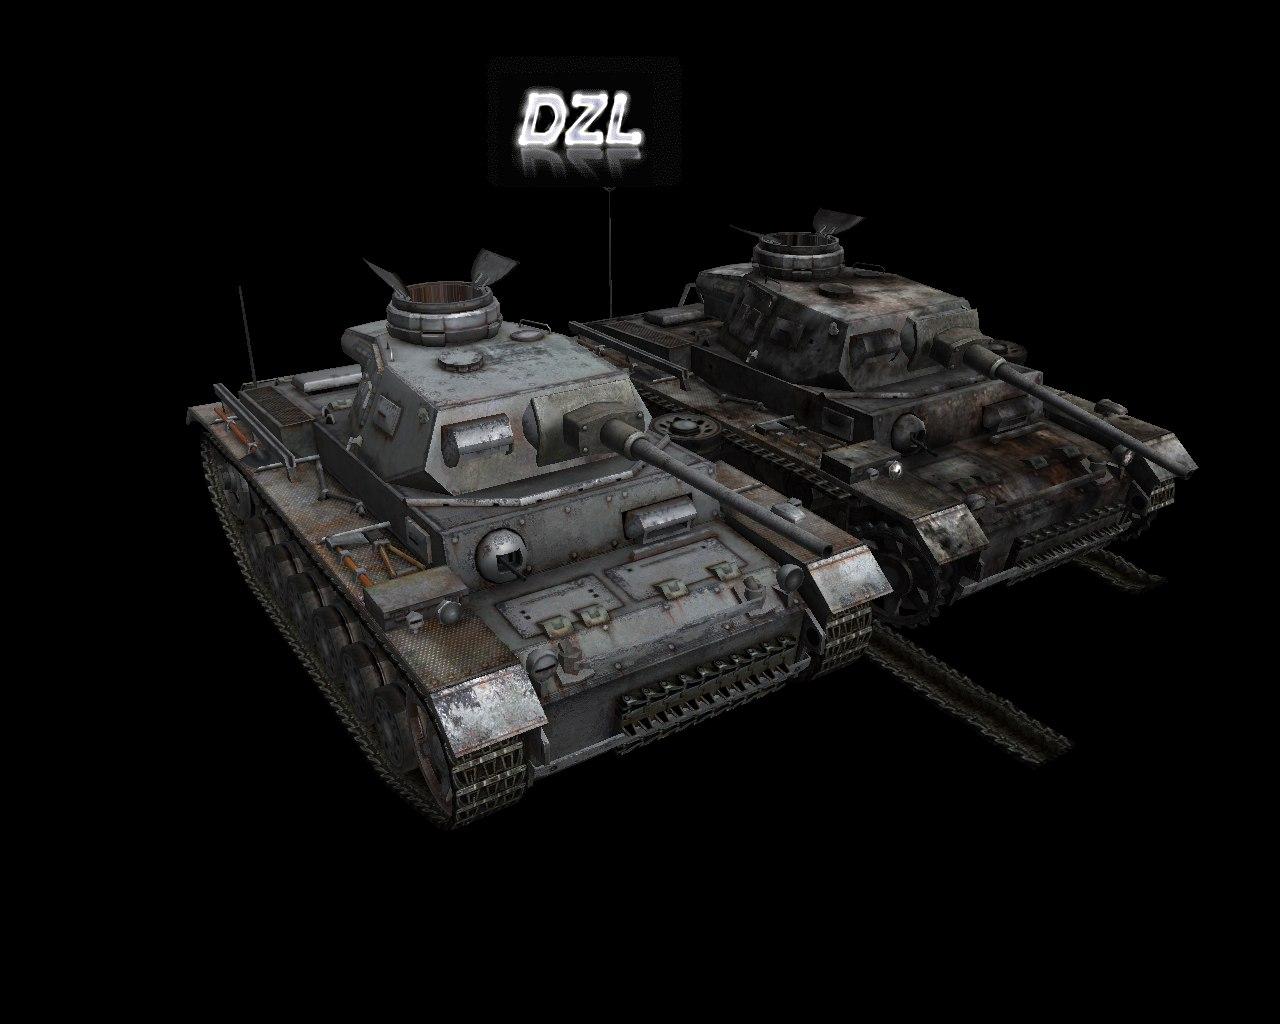 Скачать Pz3_GR - автор DZL(rip из WoT) — бесплатно